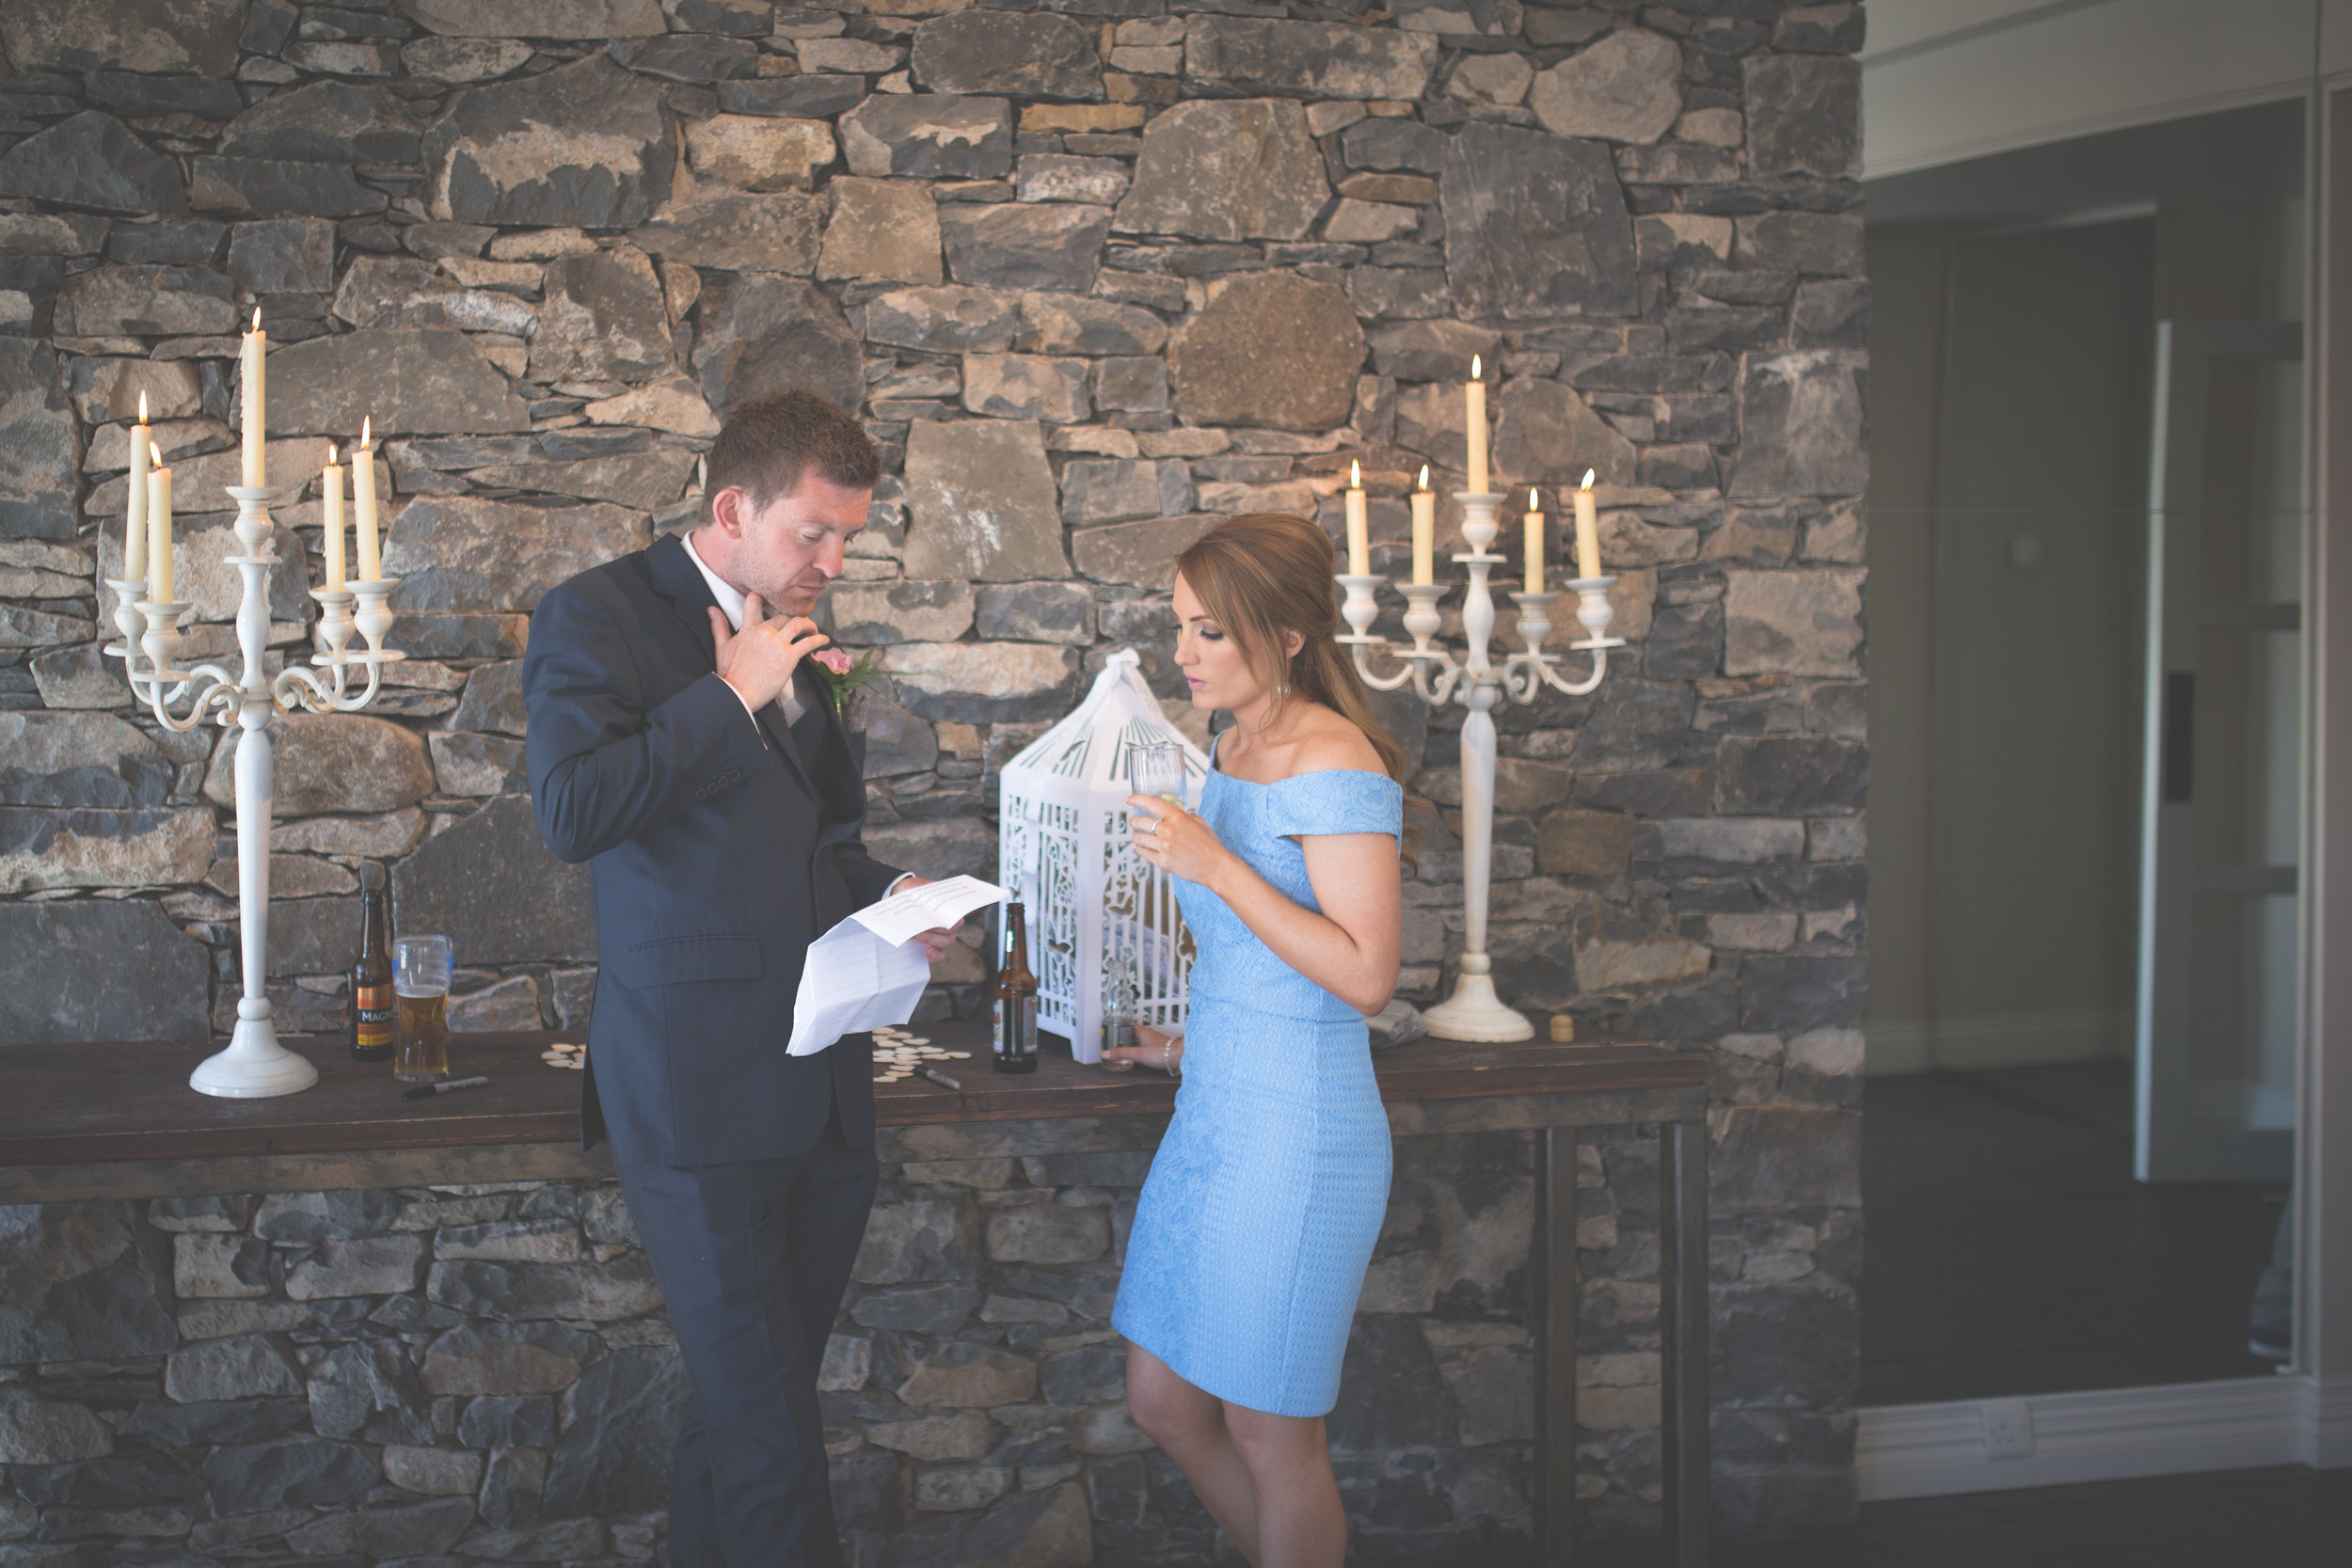 Brian McEwan Wedding Photography | Carol-Anne & Sean | The Speeches-12.jpg